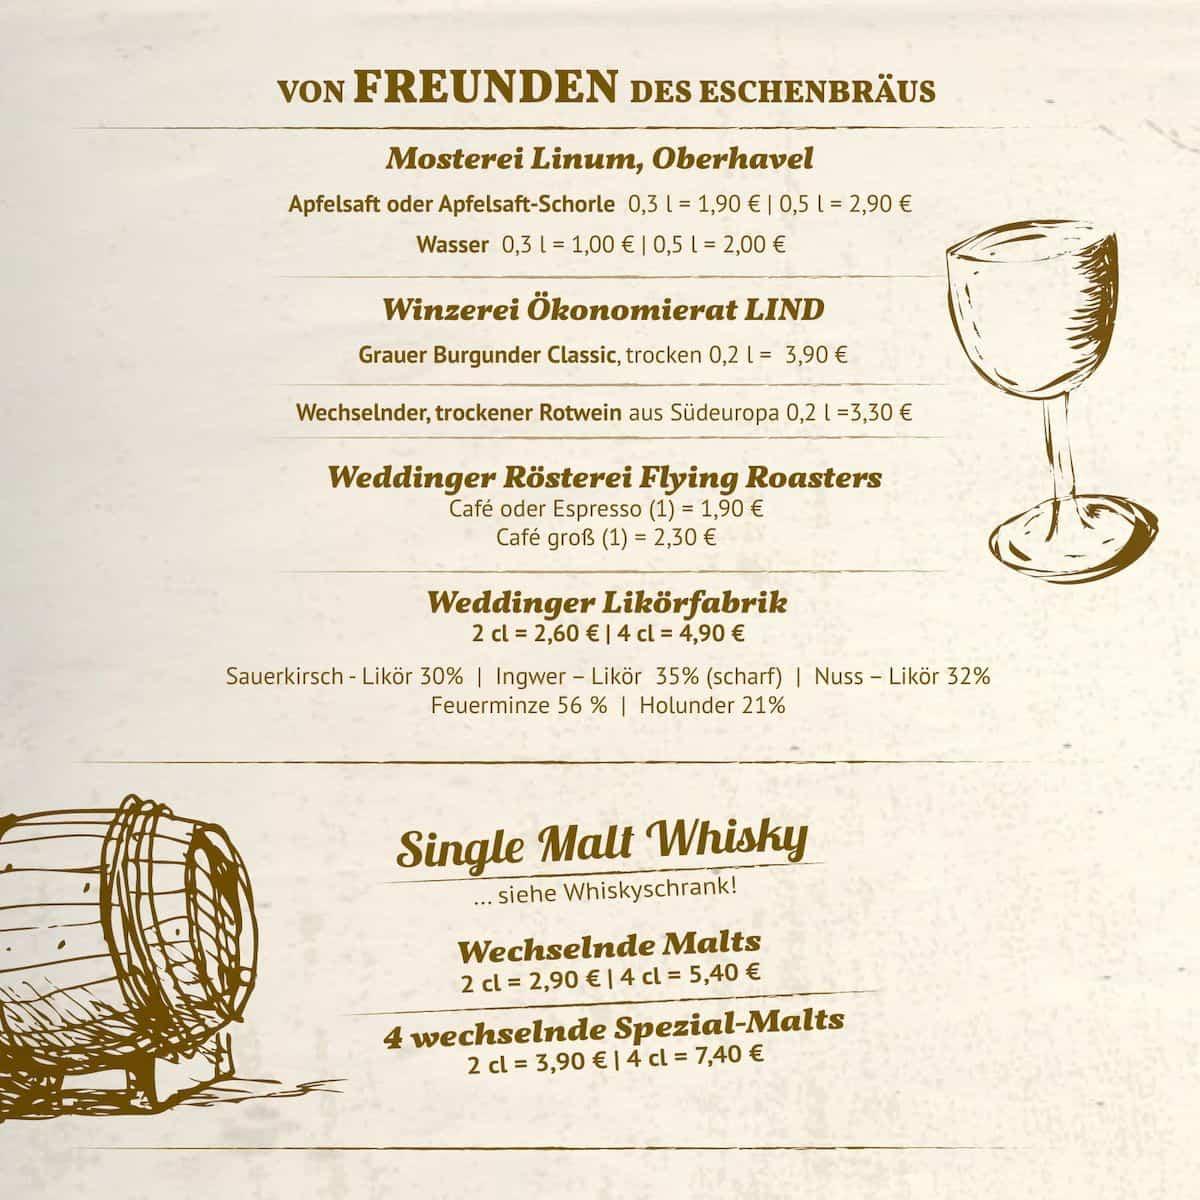 Меню пивного ресторана Eschenbrau